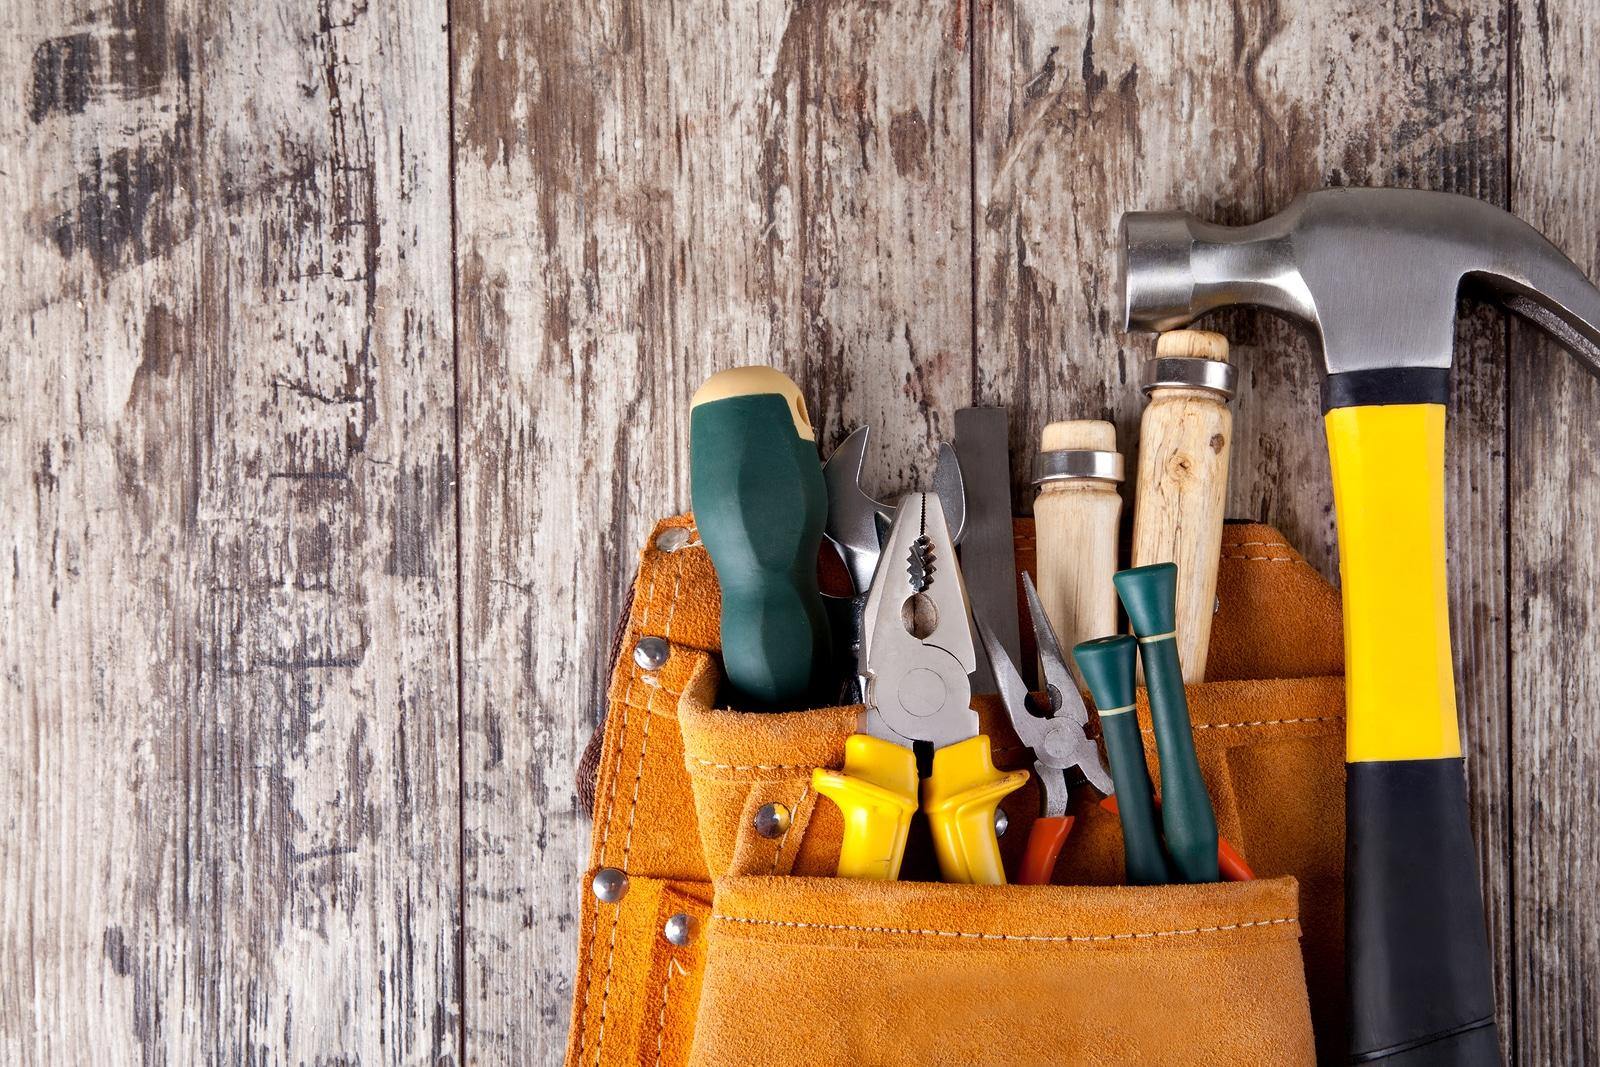 herramientas buenas y a buen precio opiniones y comparativa